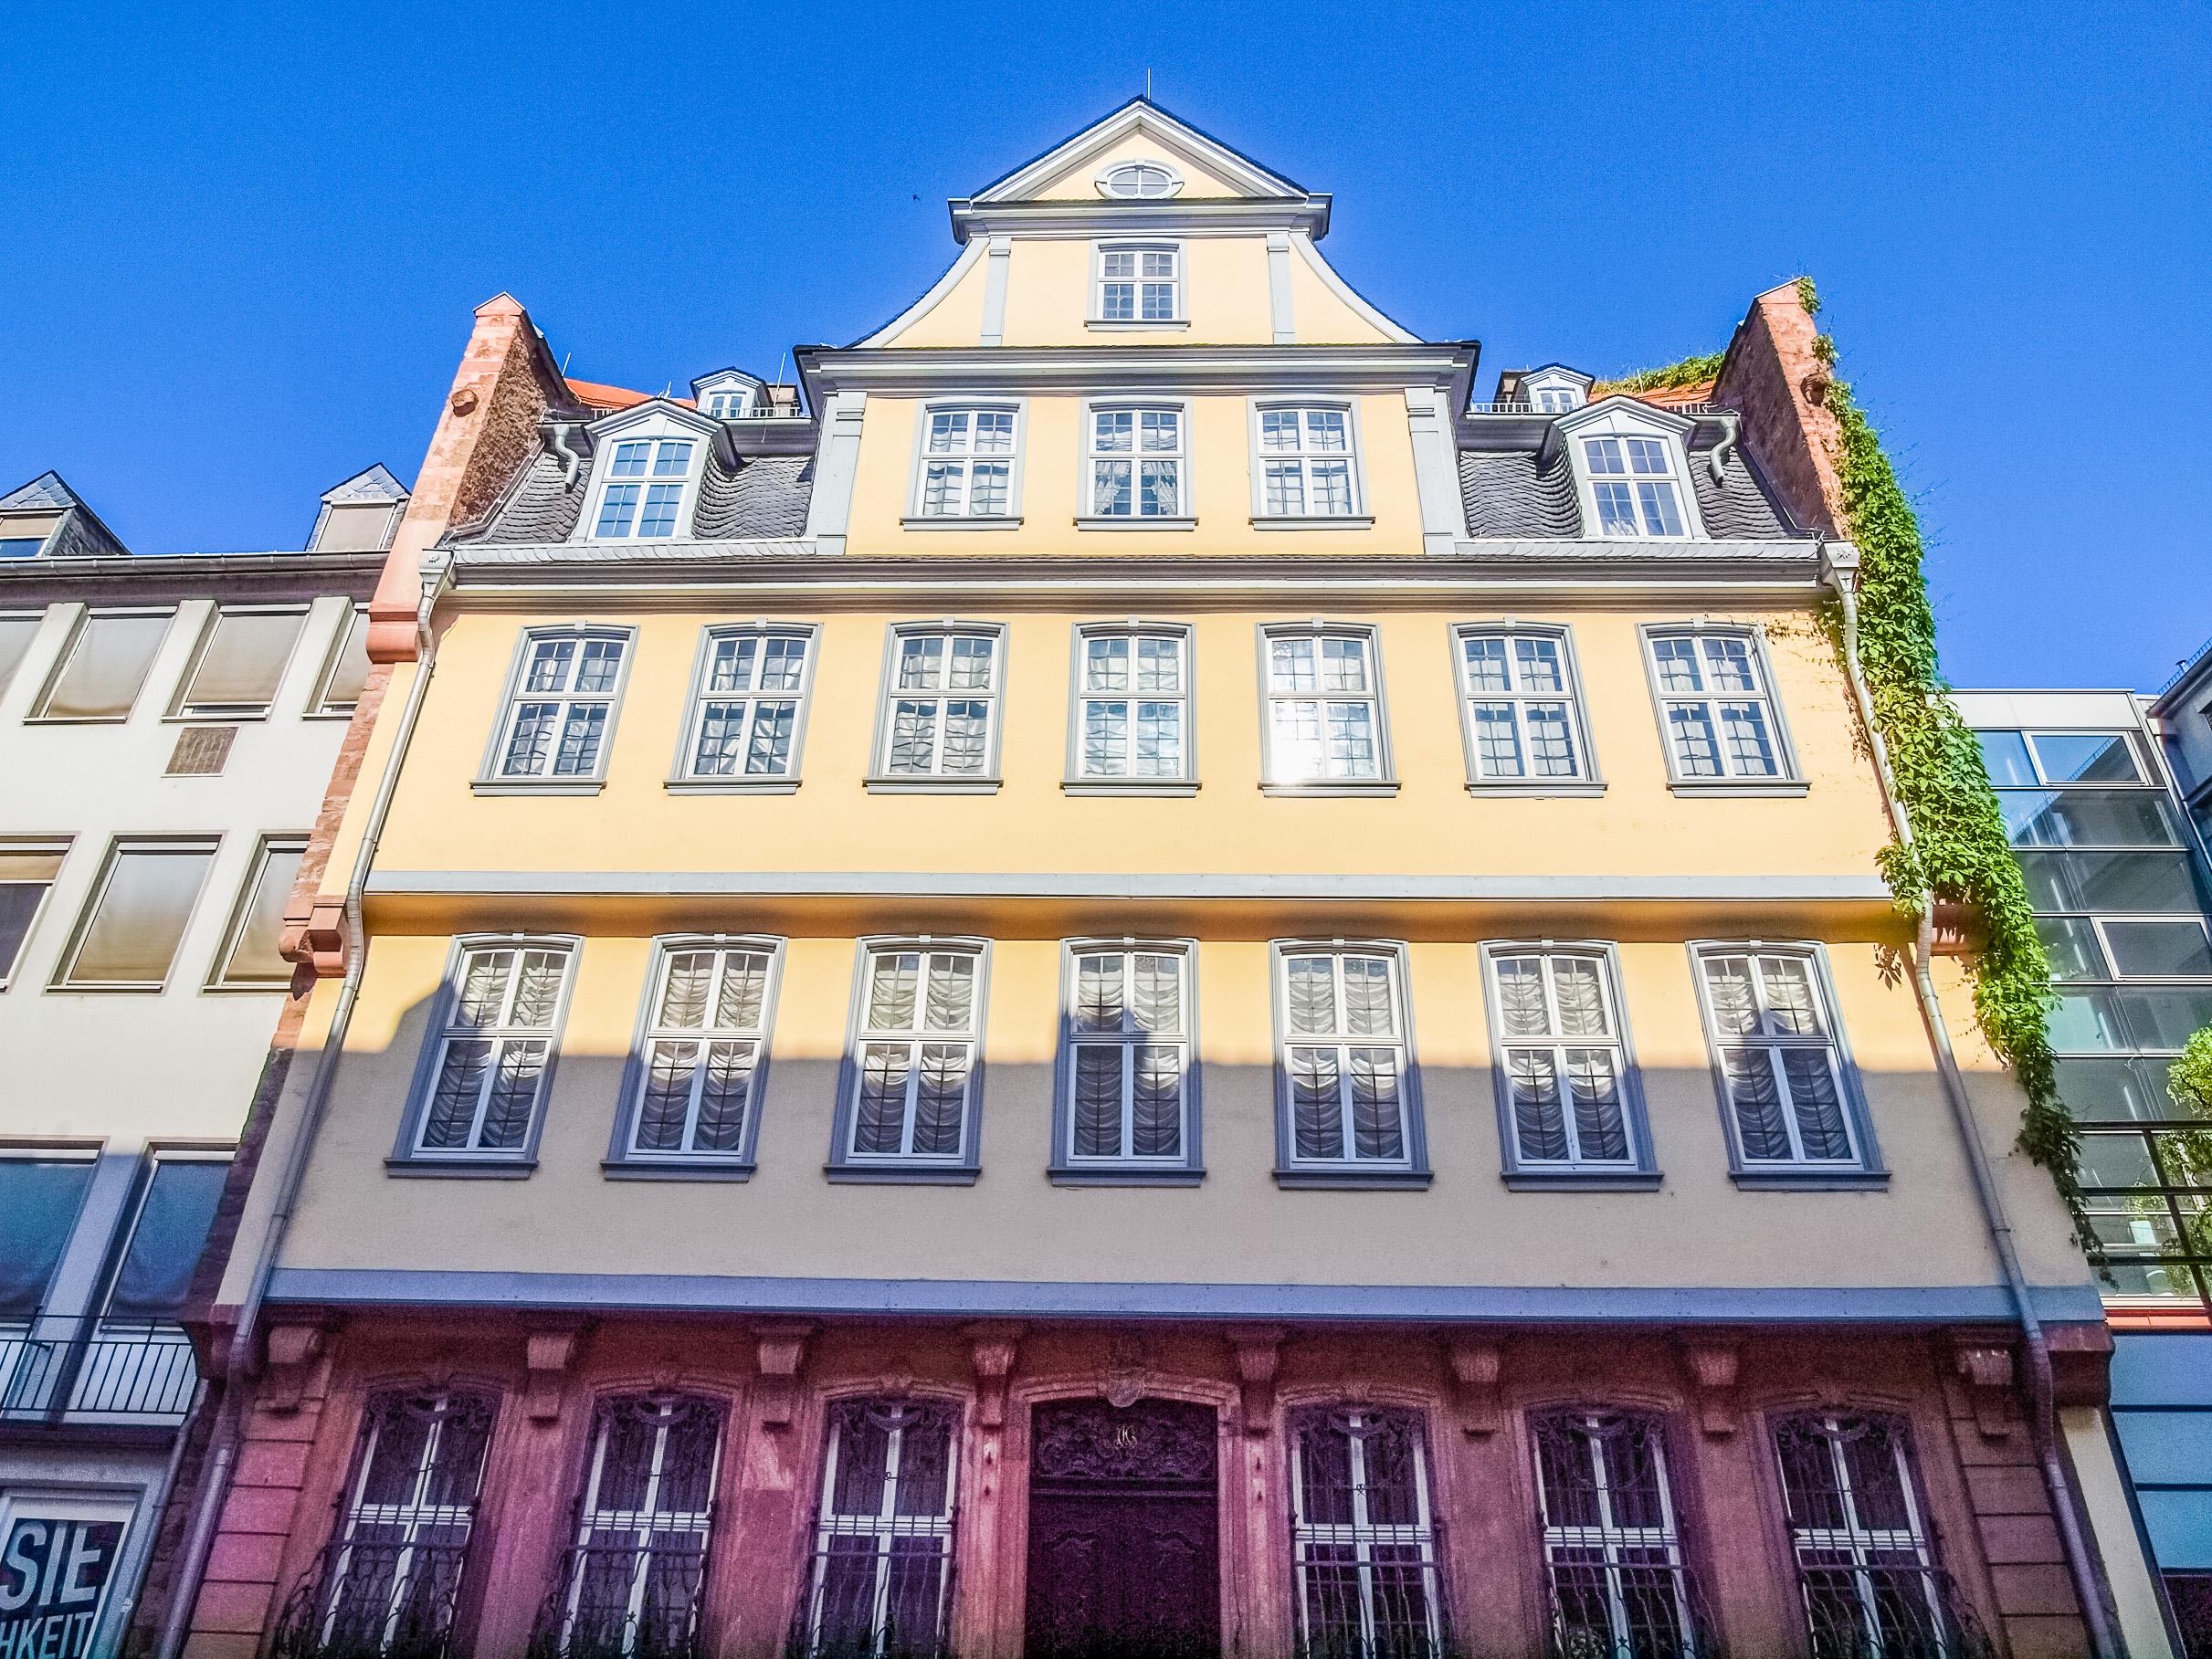 Visita a la casa del autor de Fausto. Goethe - Alemania Circuito Lo mejor de la Selva Negra